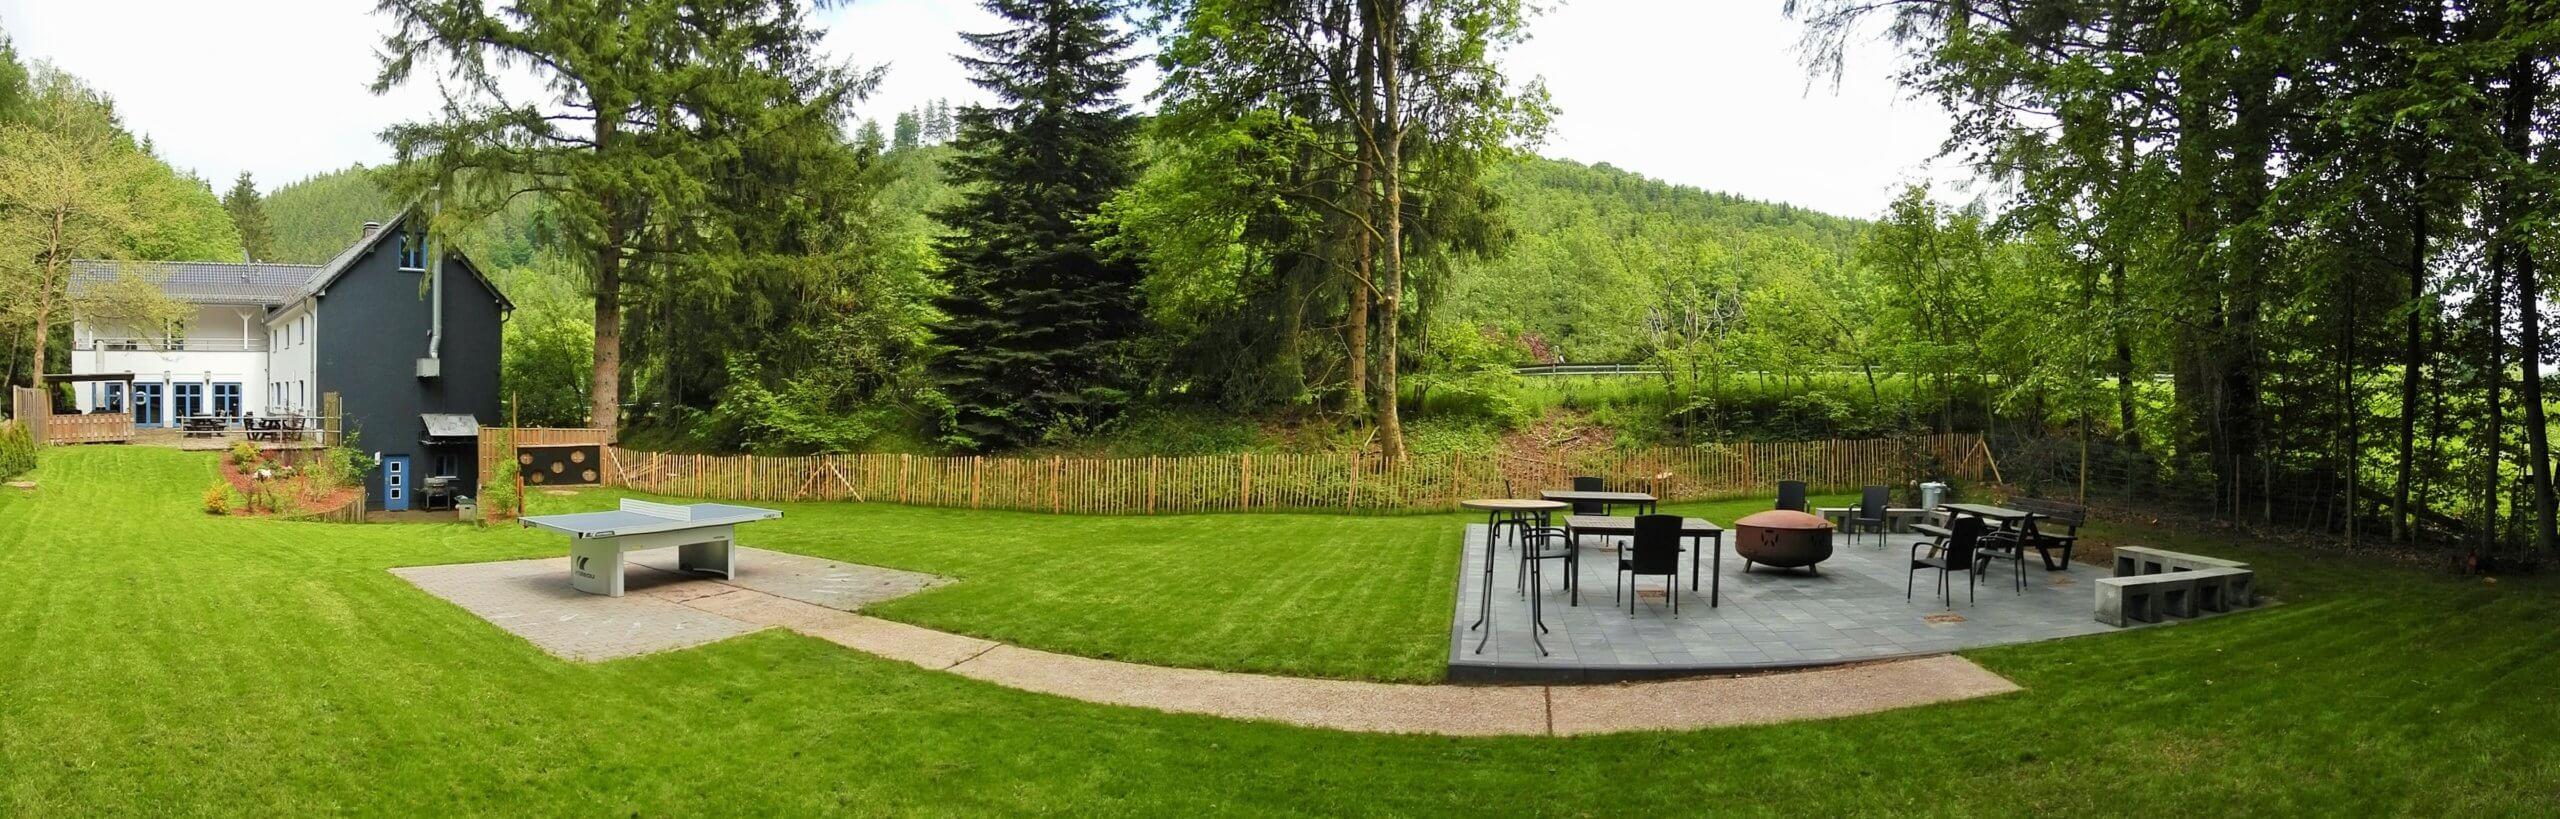 GF Rescheid - Gartenpanorama.JPG